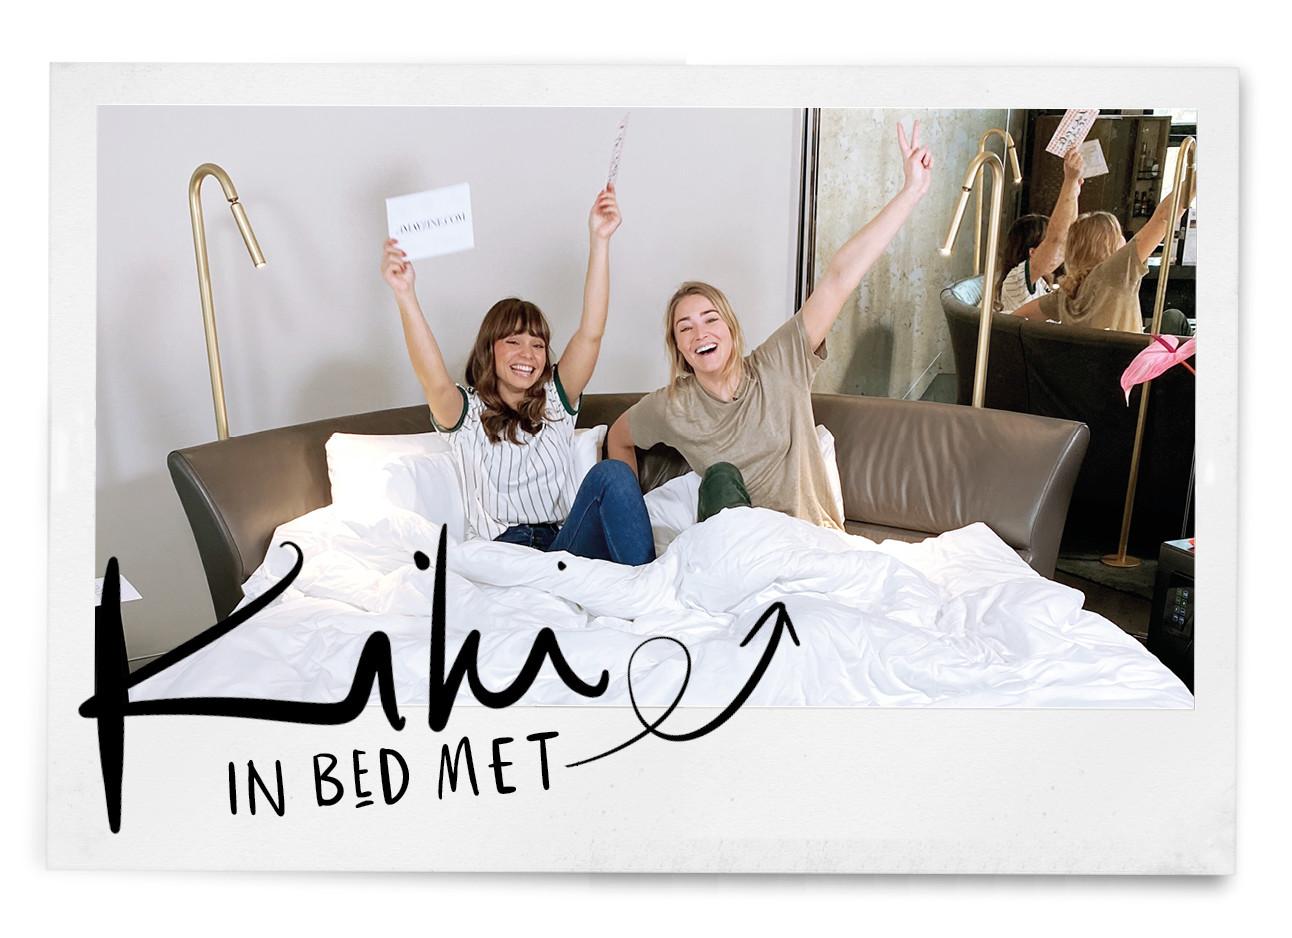 2 vrouwen vrolijk zittend op bed